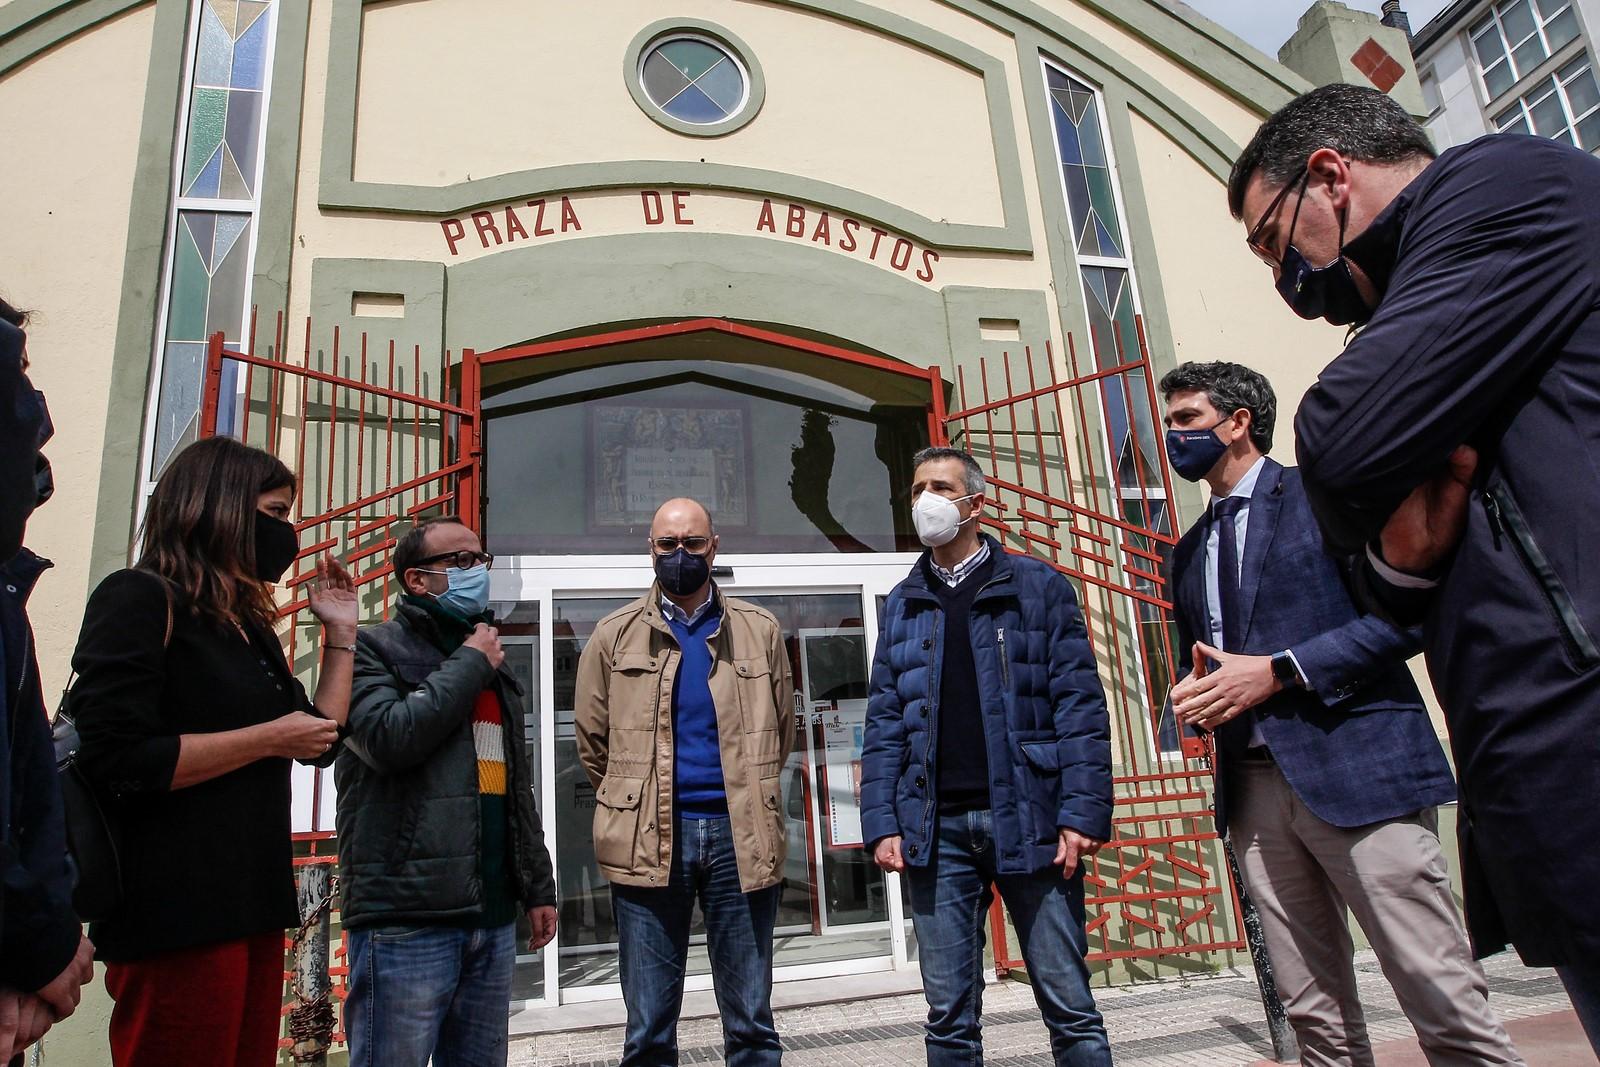 A Xunta inviste case 39.000 euros na rehabilitación e reforma da praza de abastos de Ribadeo